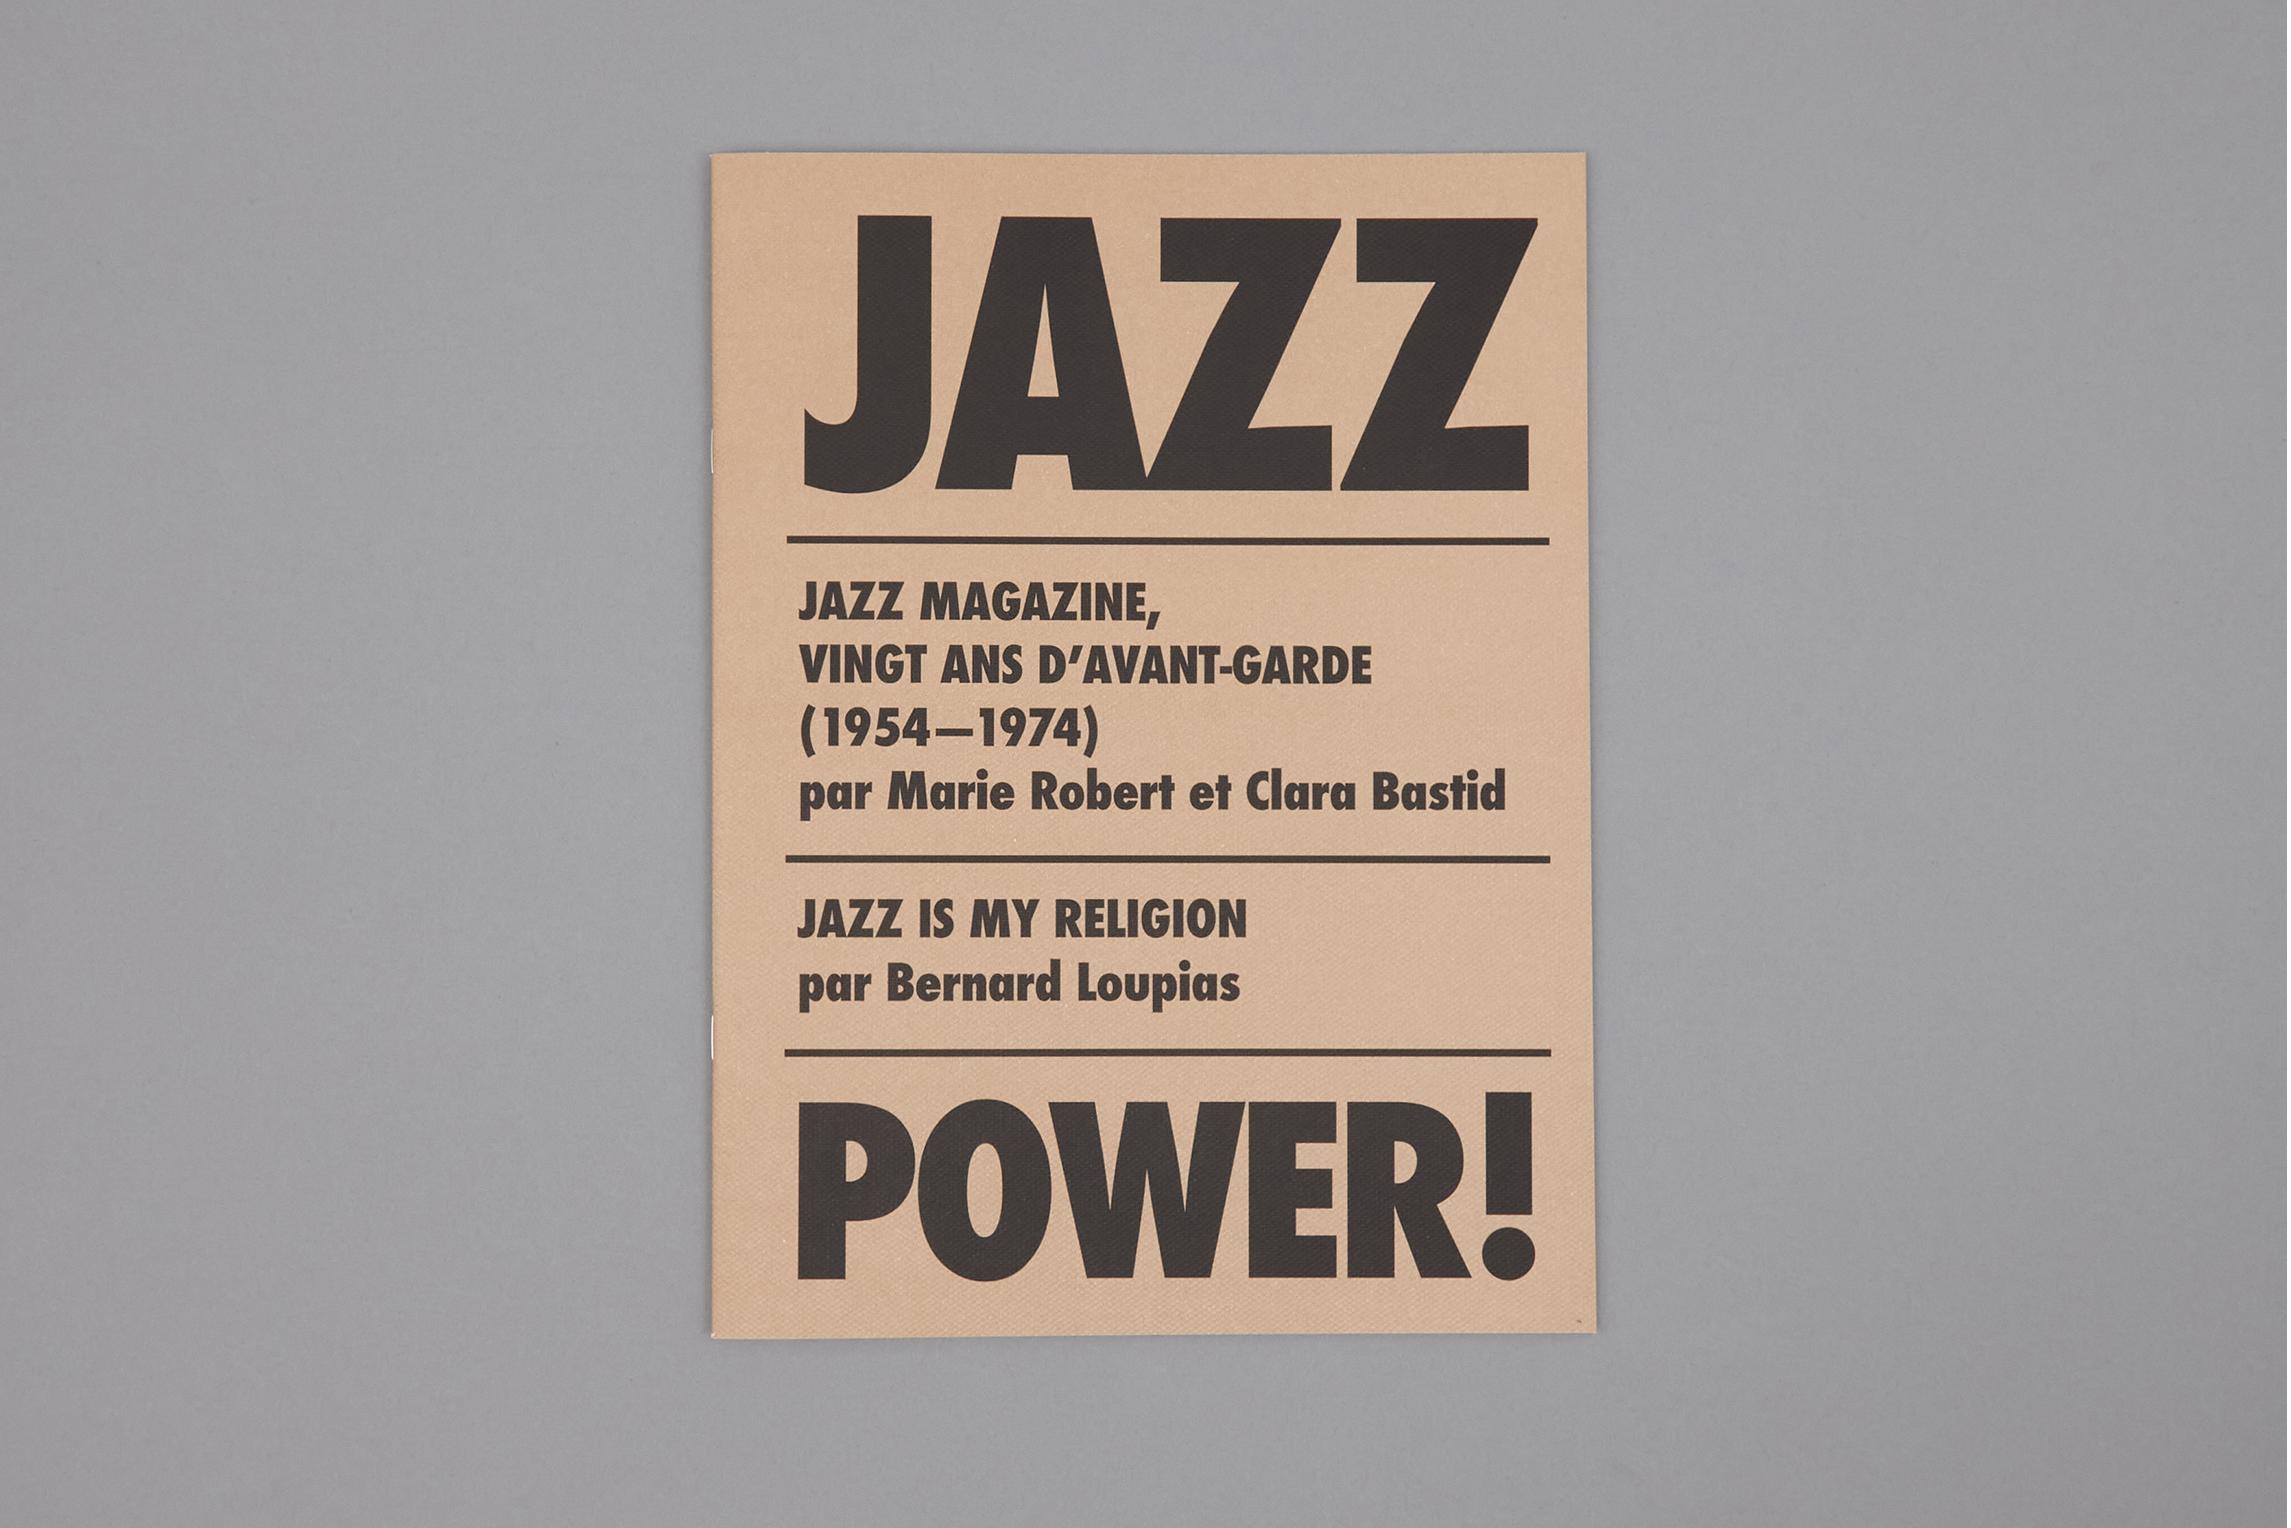 Jazz-power-delpire-co-11p